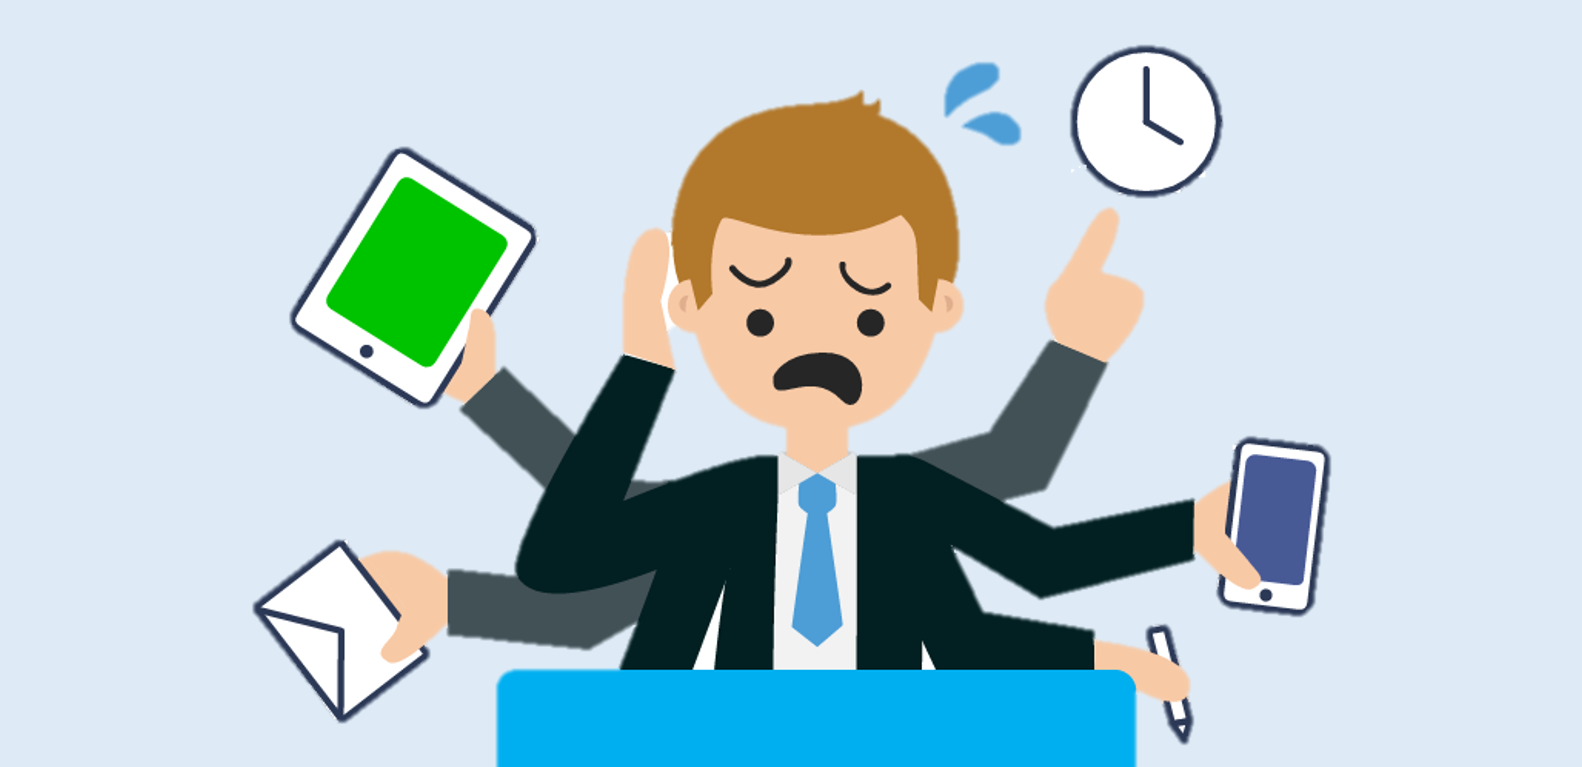 4個減少訊息推播干擾的方法,提升你的專注力與決策力!